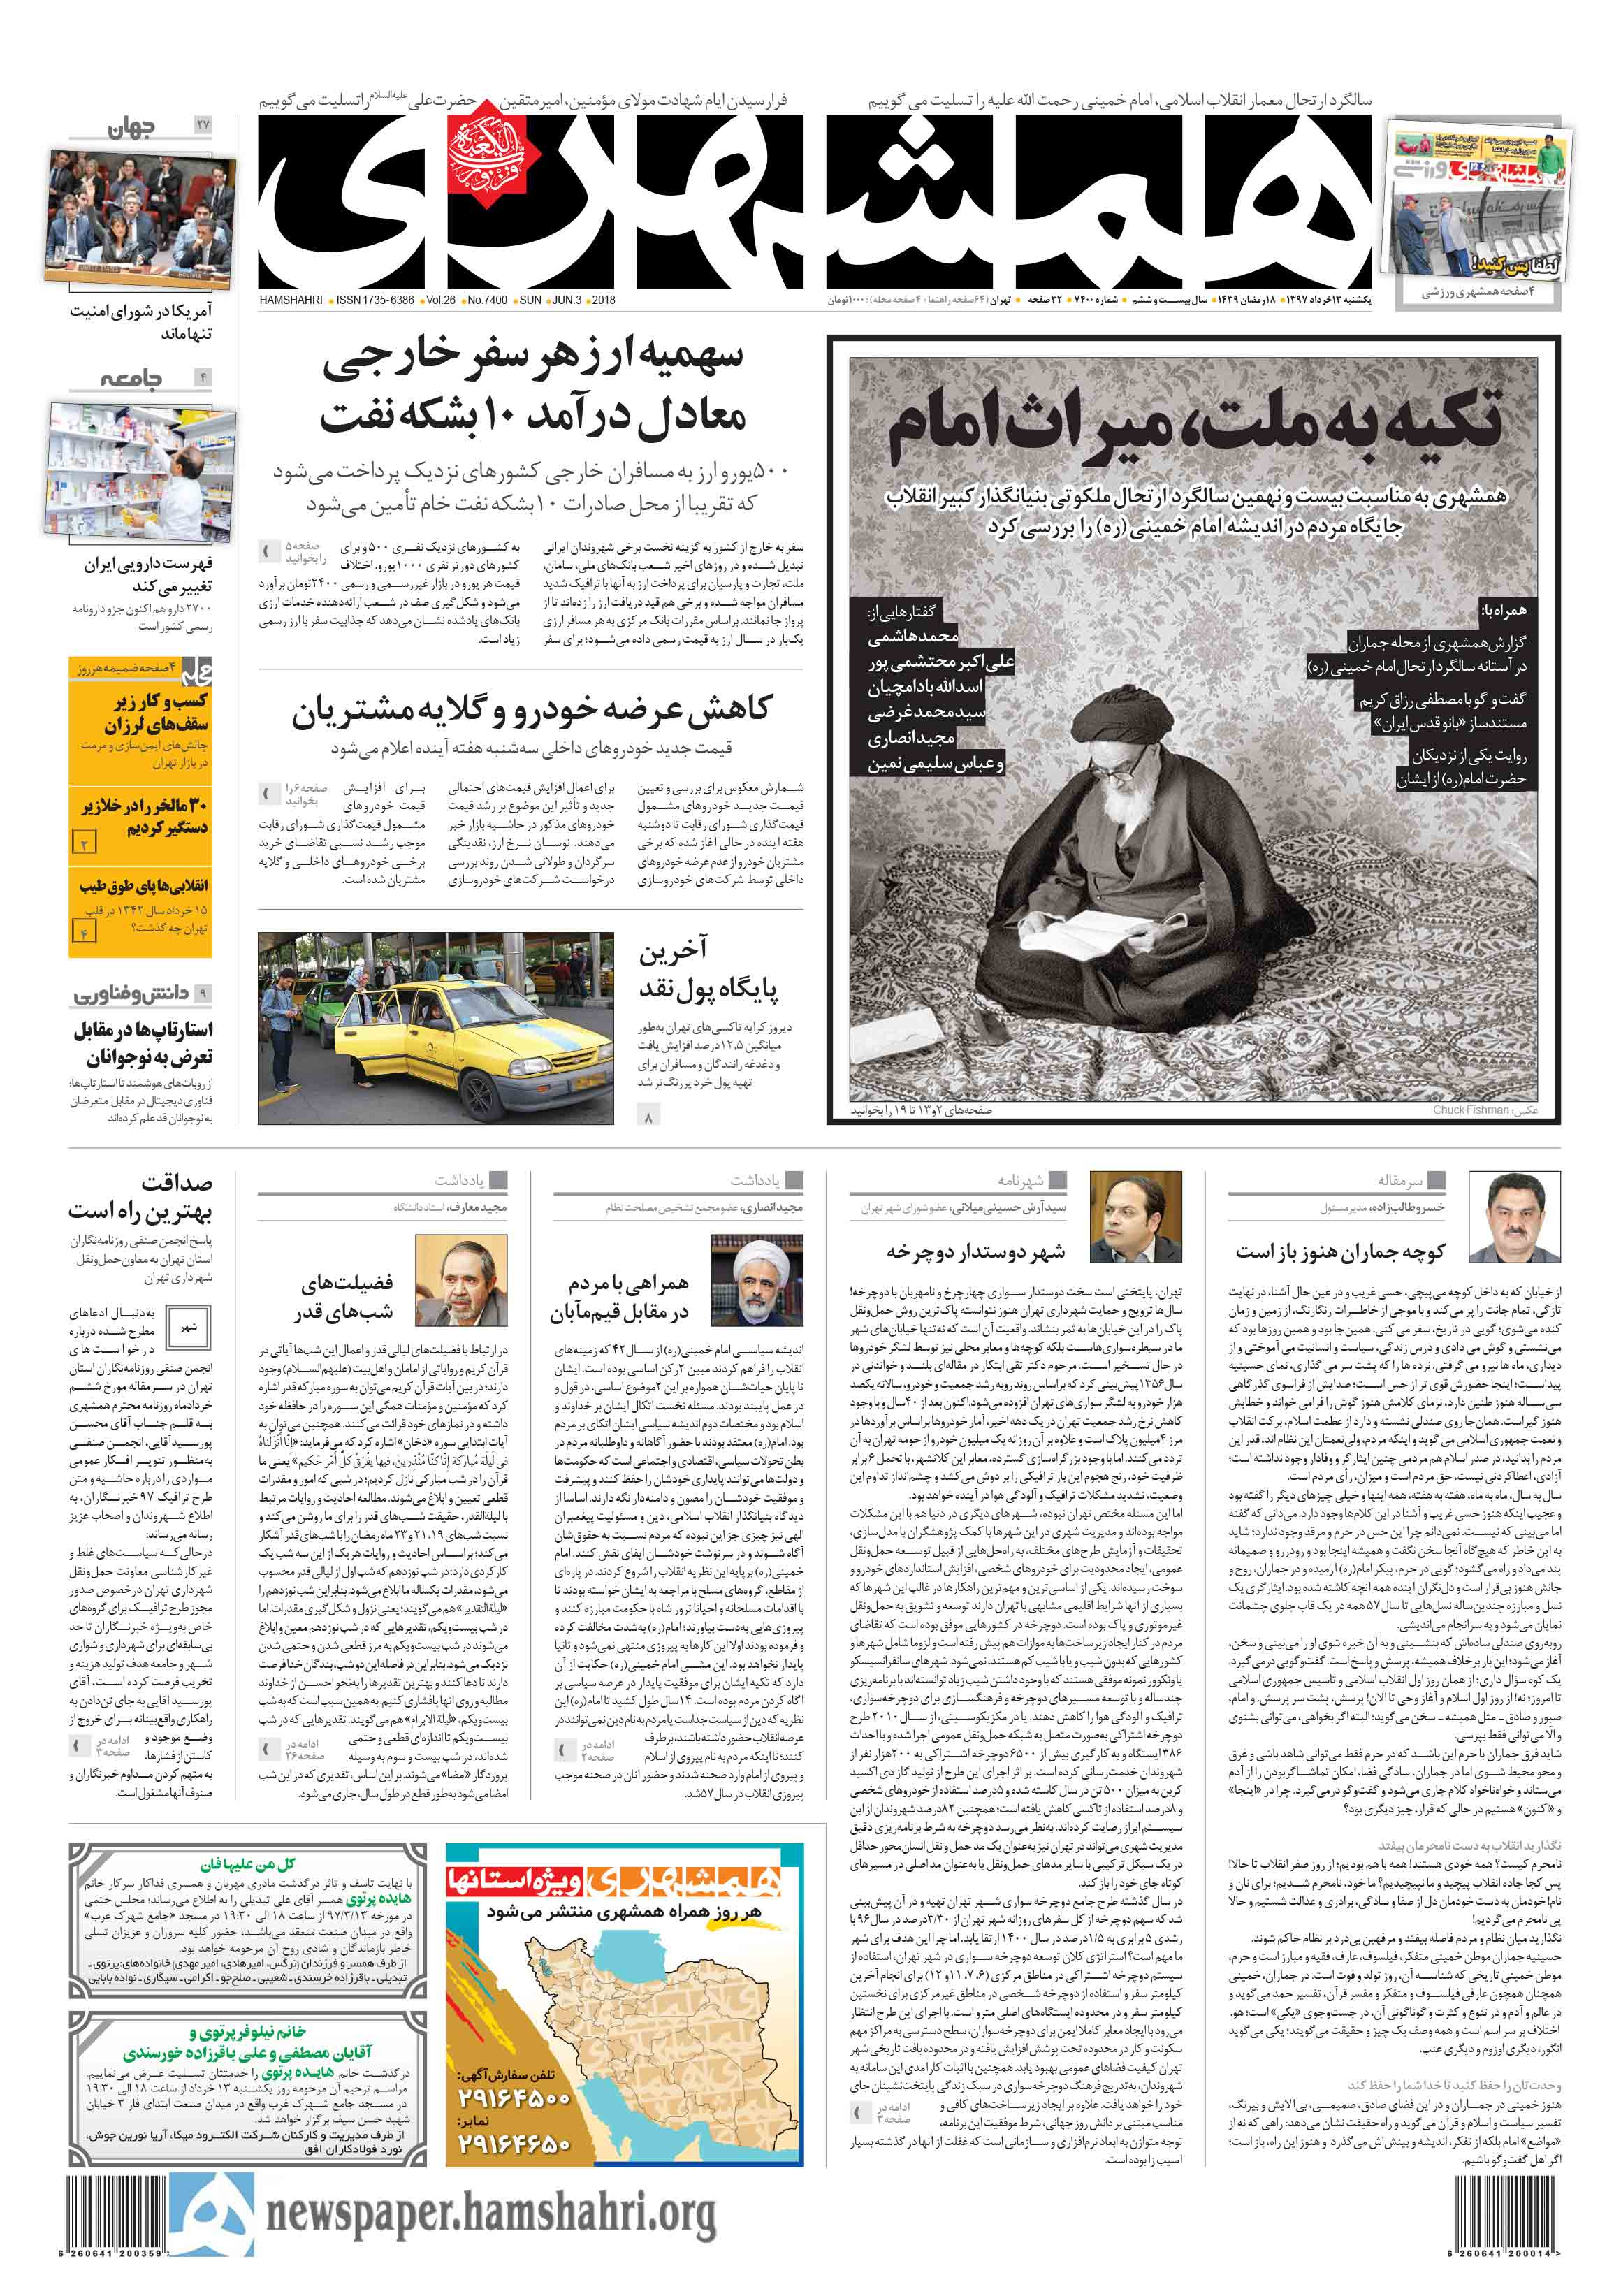 صفحه اول یکشنبه 13 خرداد 1397